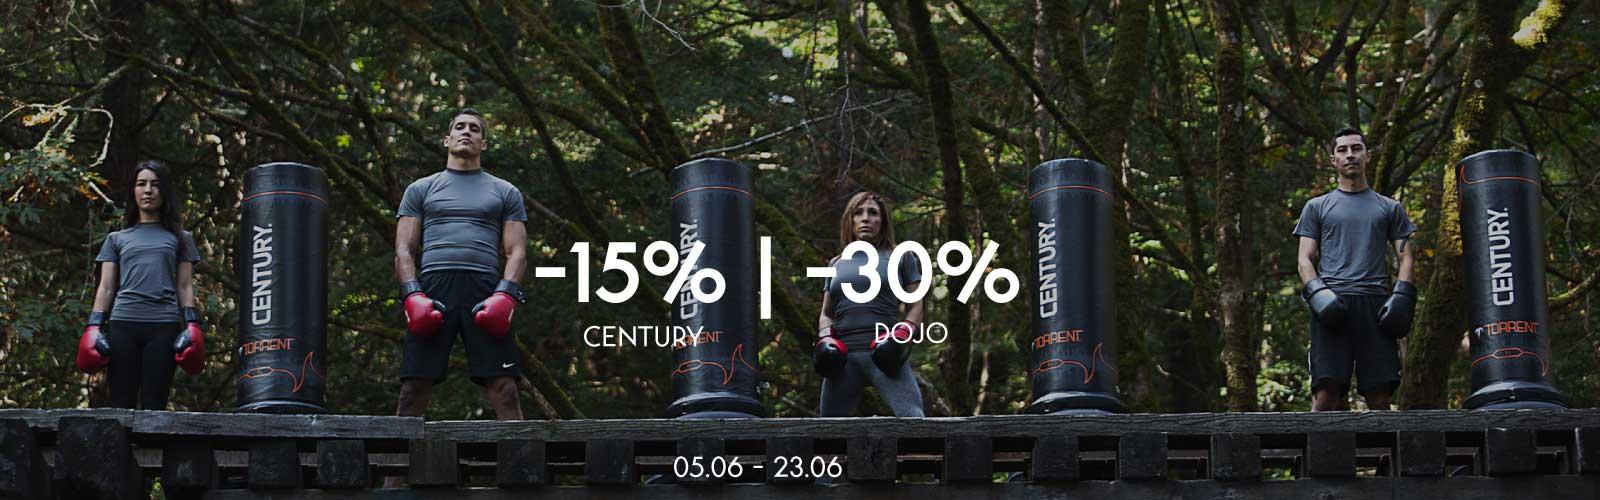 Century / Dojo